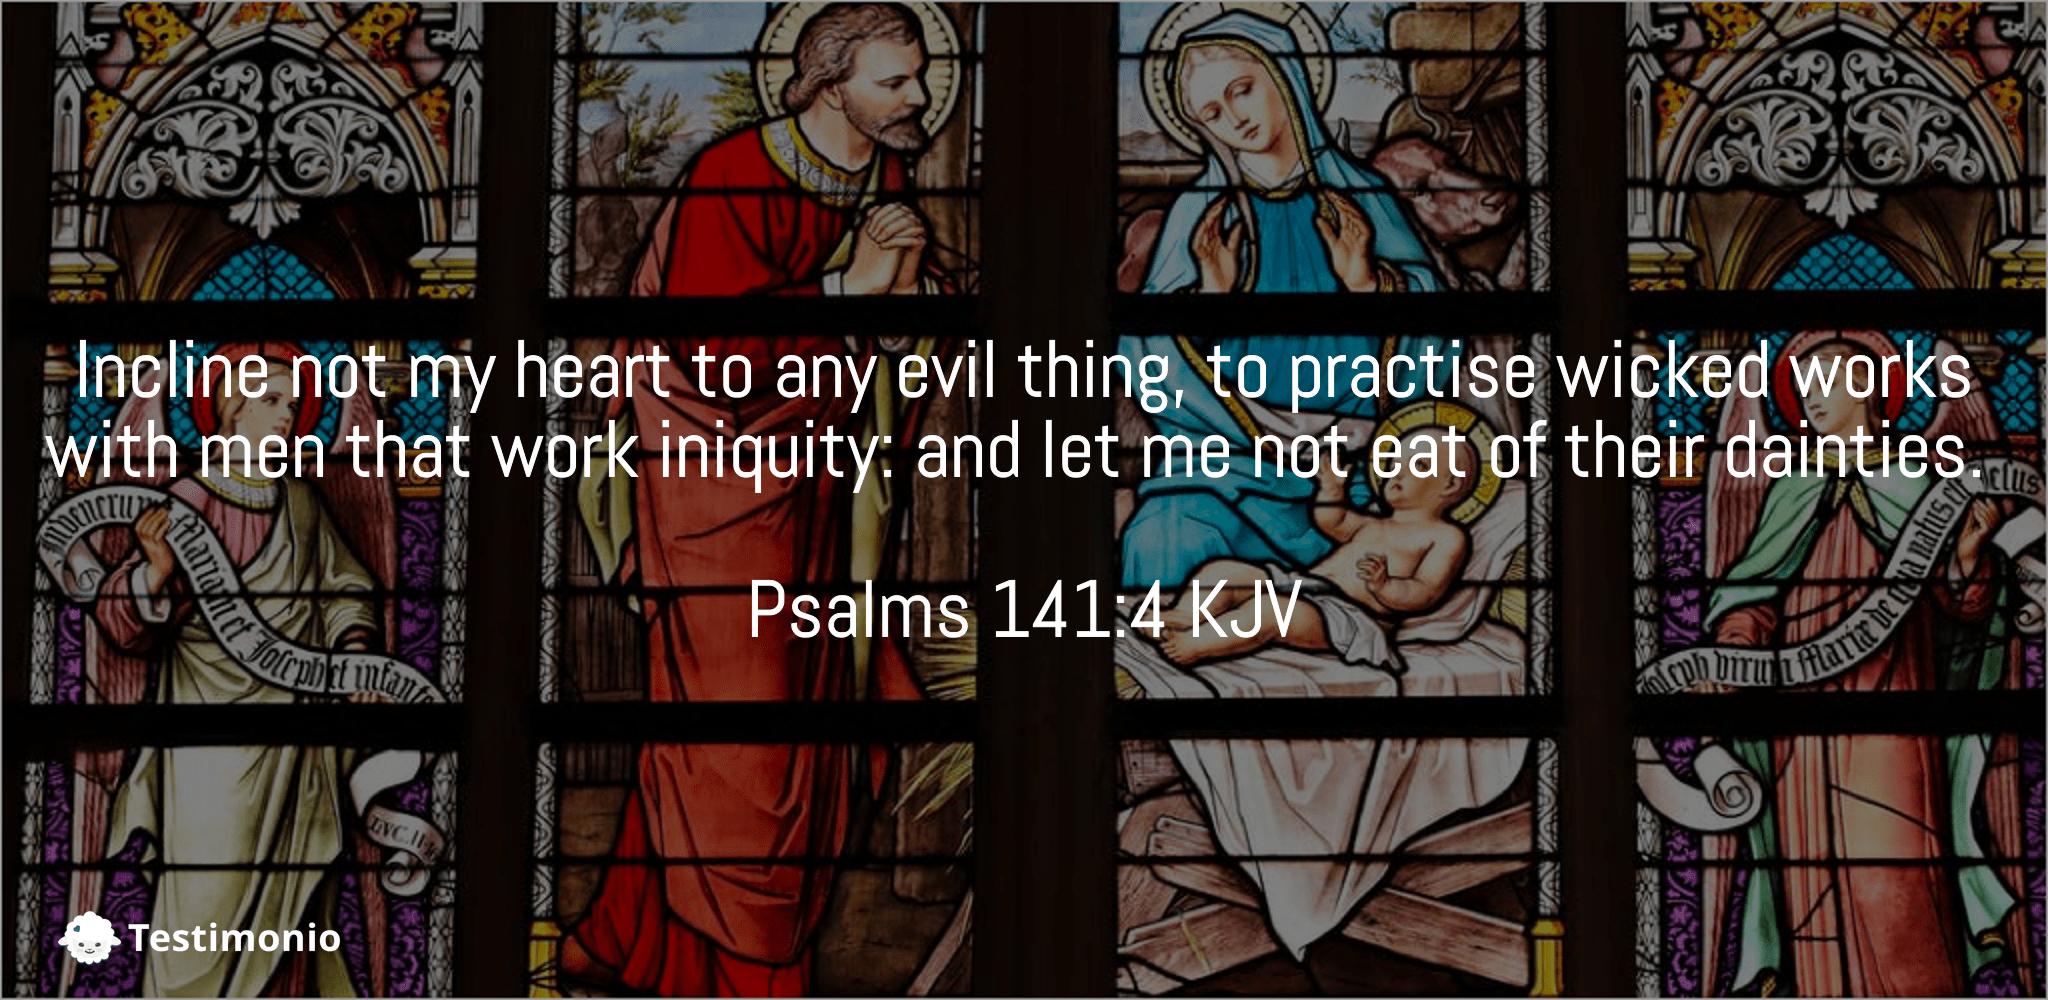 Psalms 141:4